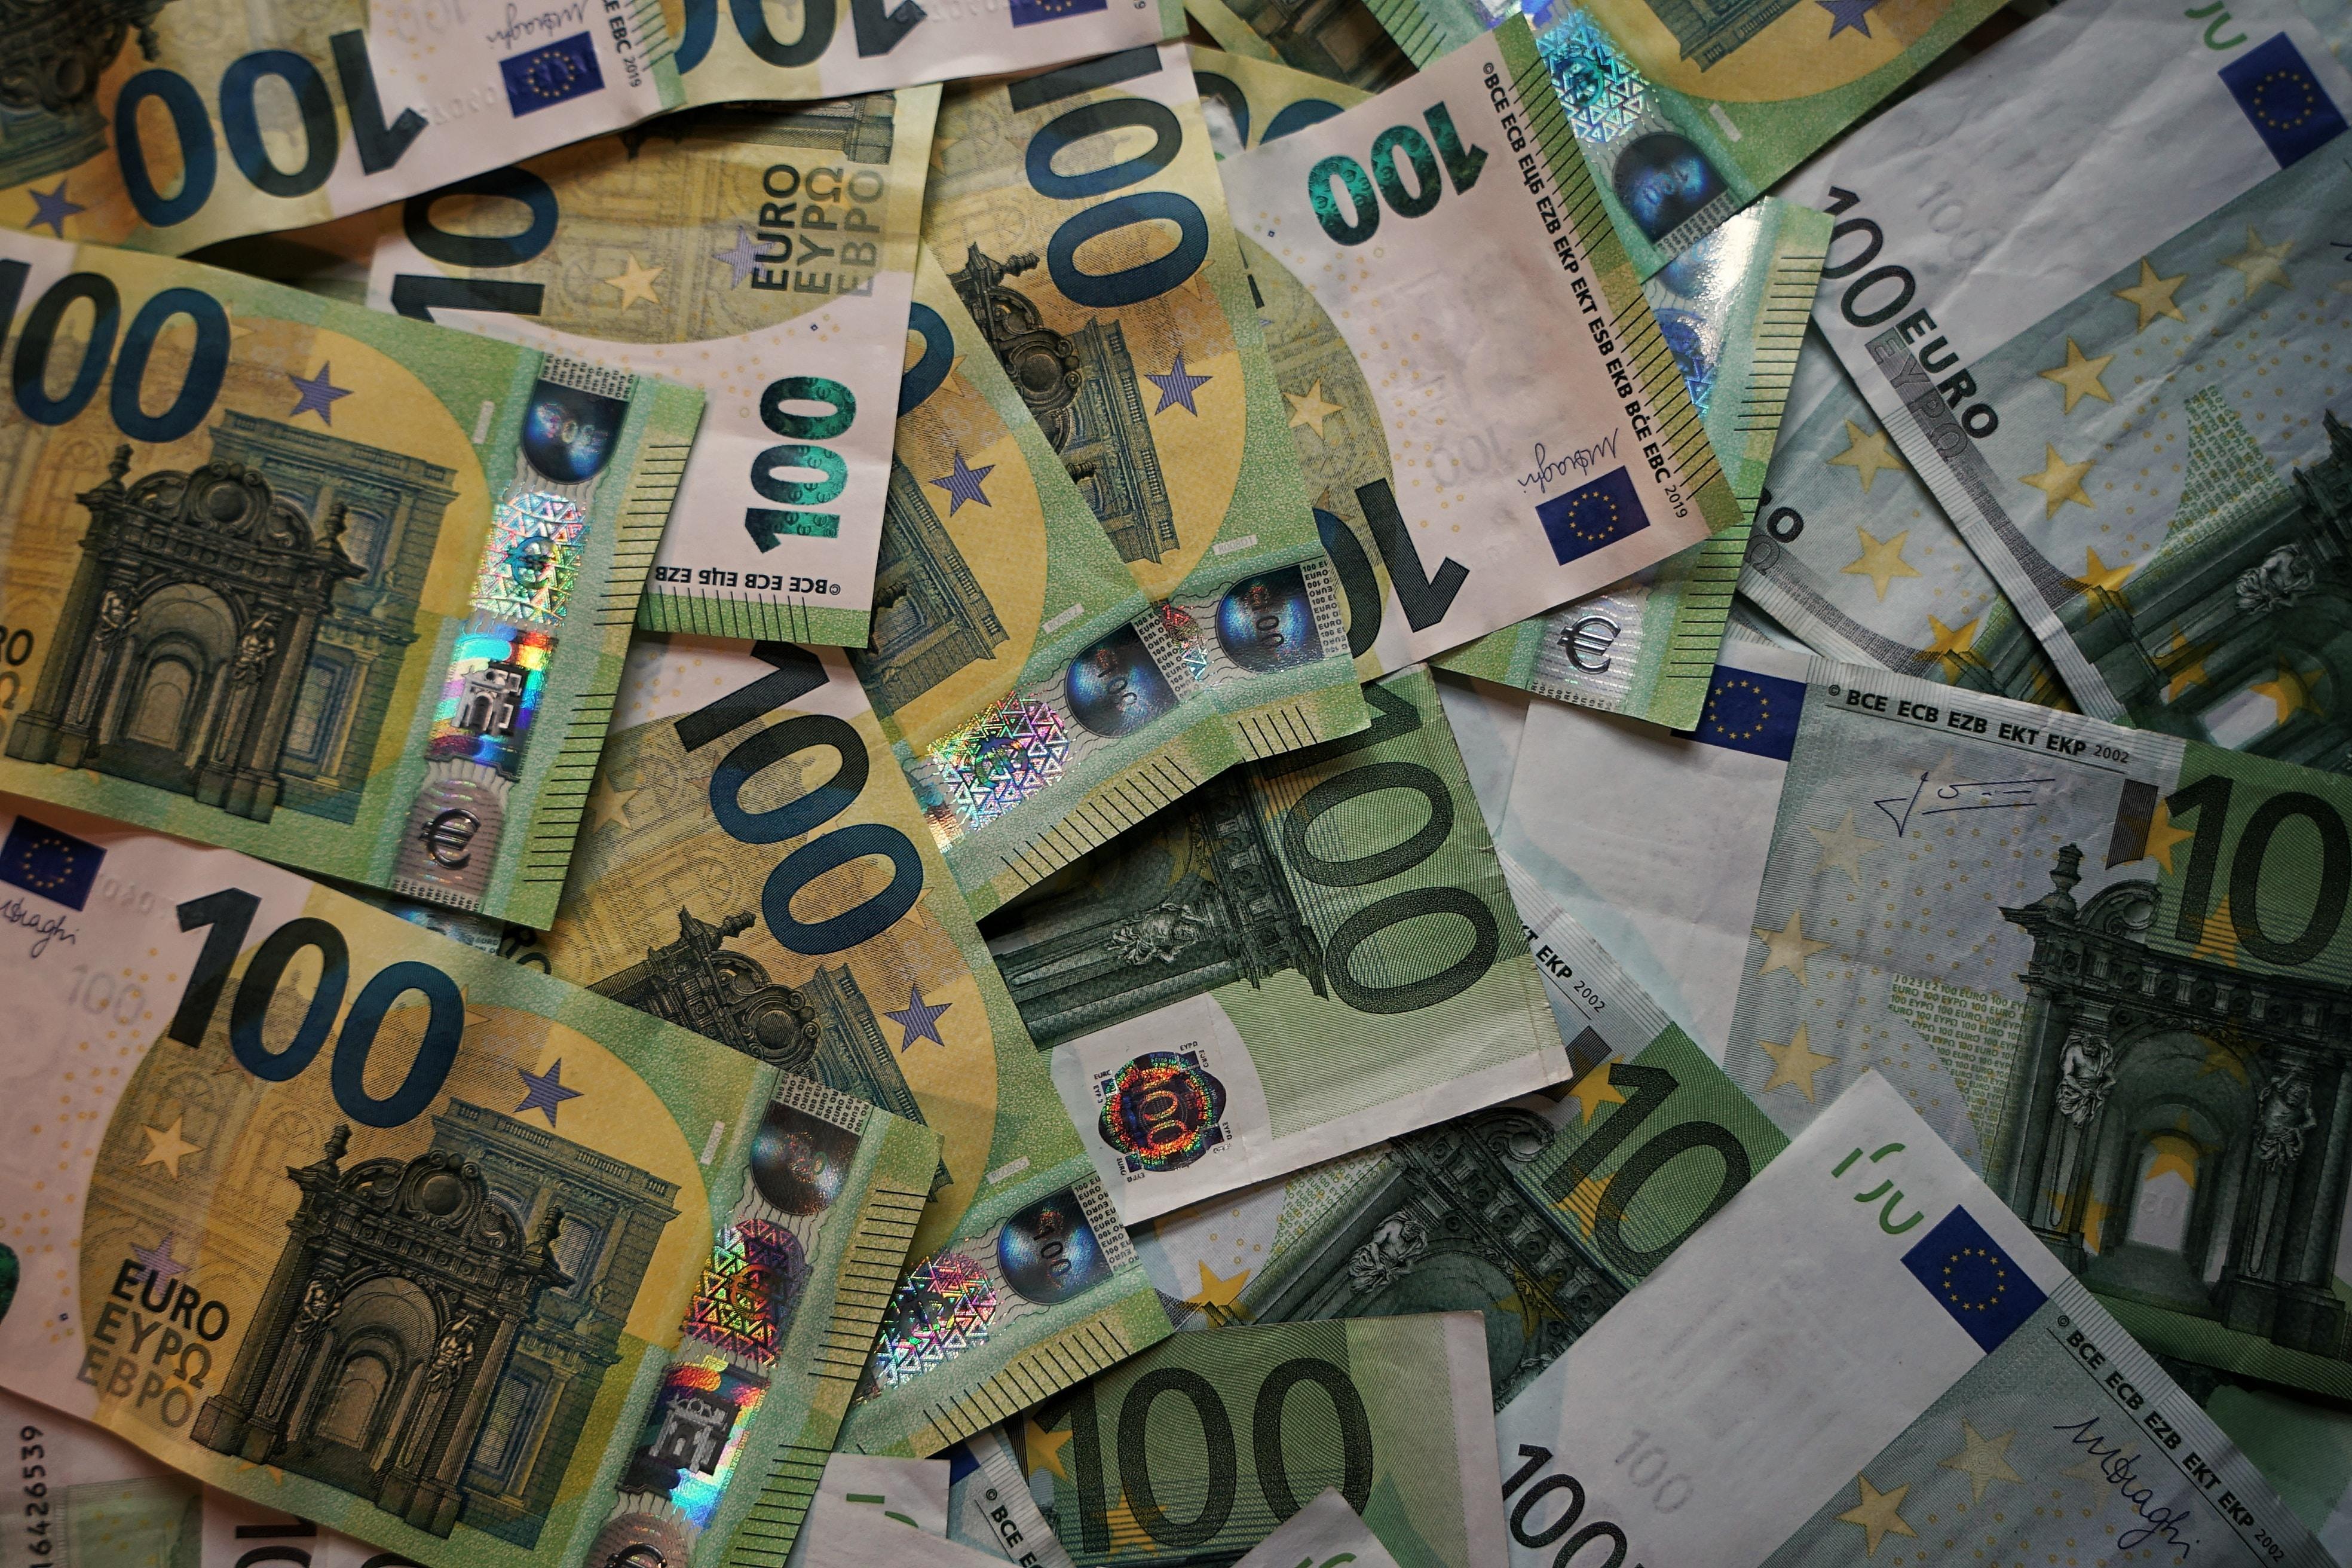 Fél szemünk a zloty-n – milyen hatása van ránk?